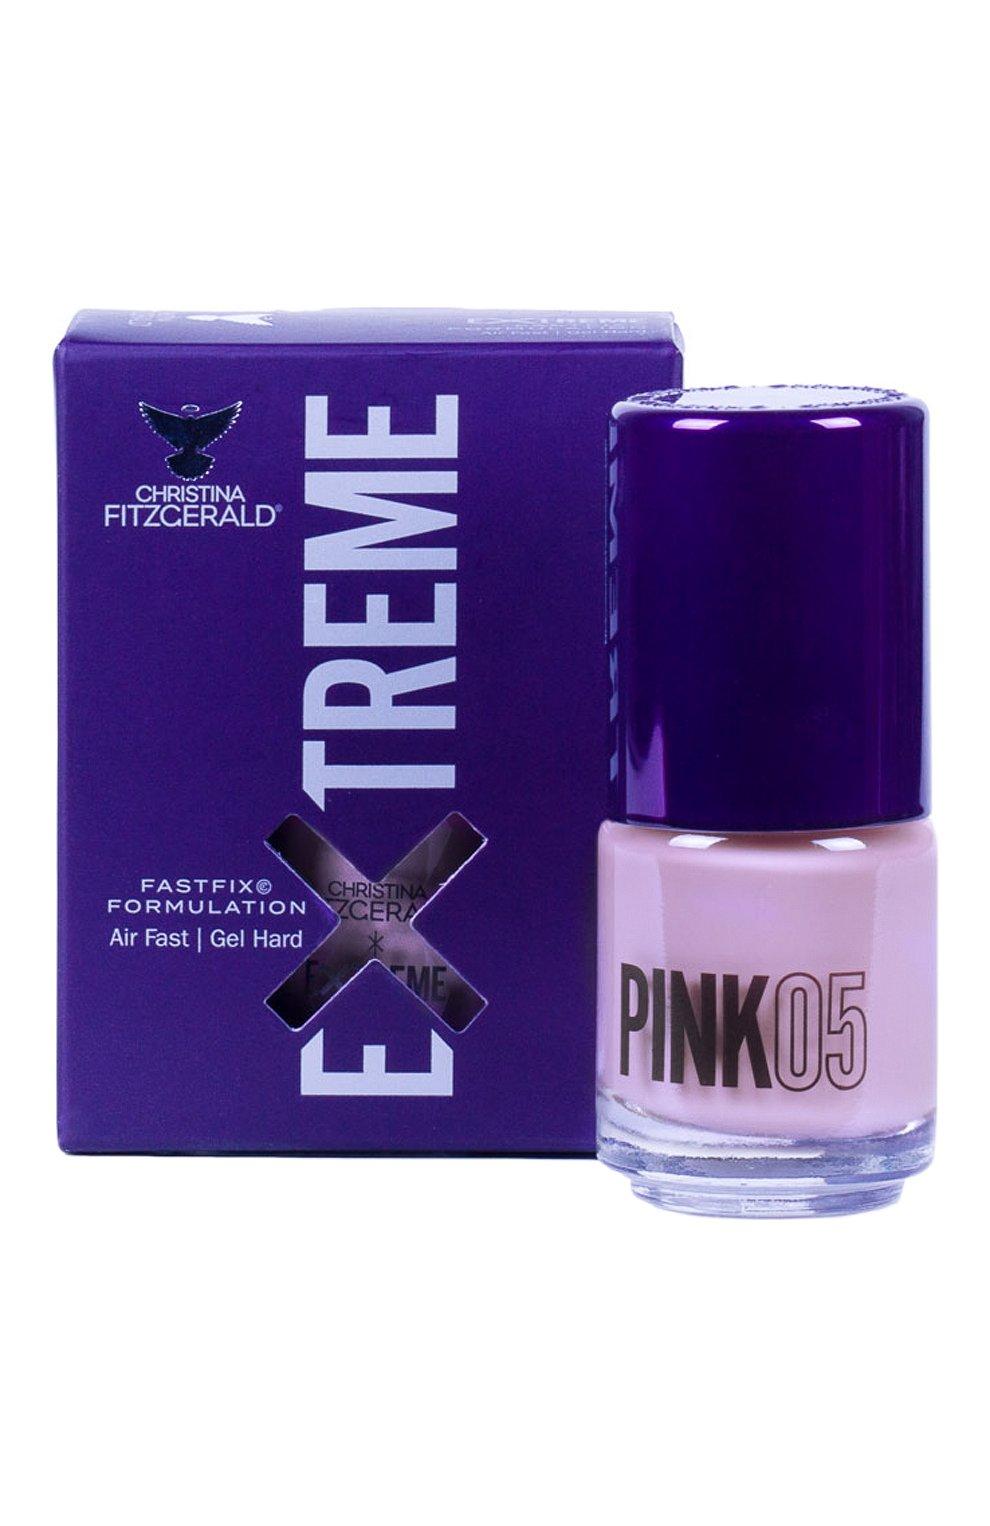 Женский лак для ногтей extreme, оттенок pink 05 CHRISTINA FITZGERALD бесцветного цвета, арт. 9333381004949 | Фото 1